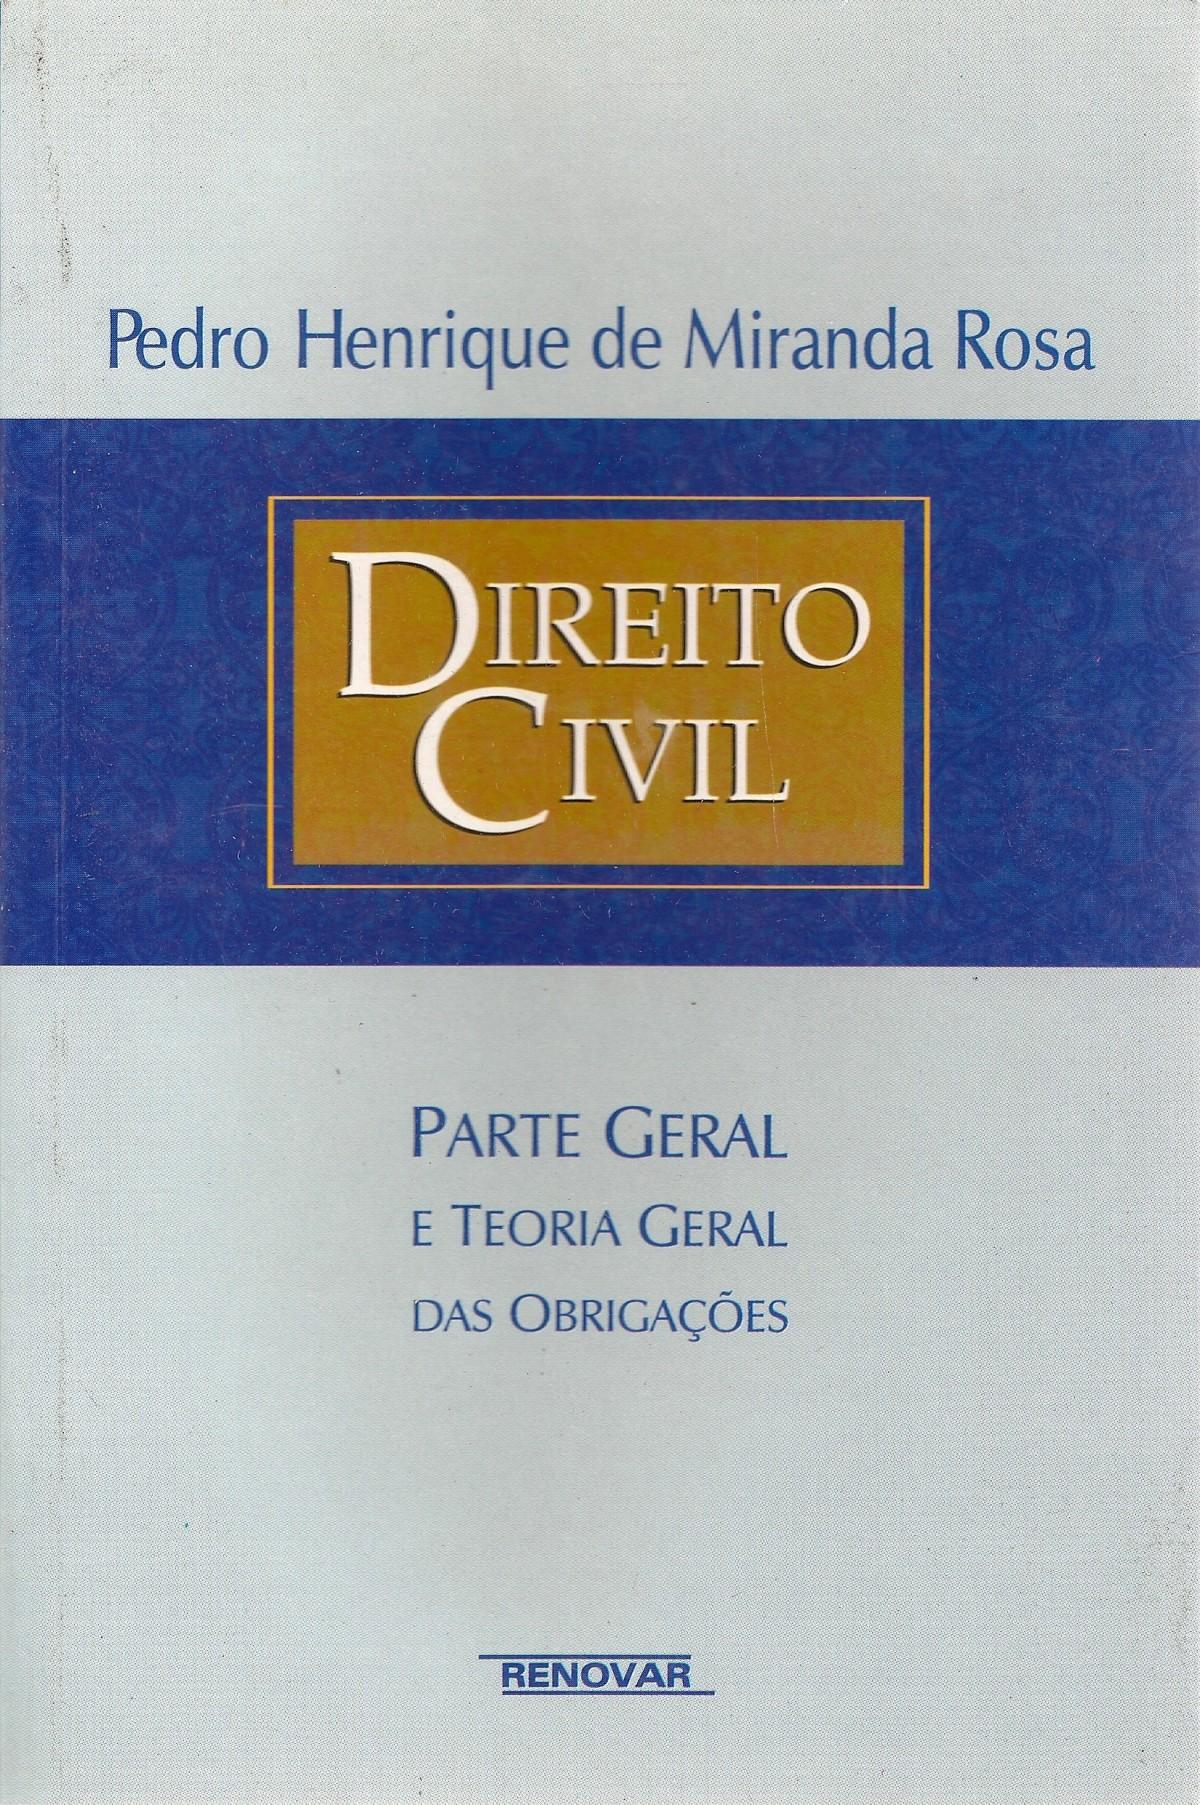 Foto 1 - Direito Civil: Parte Geral e Teoria Geral das Obrigações